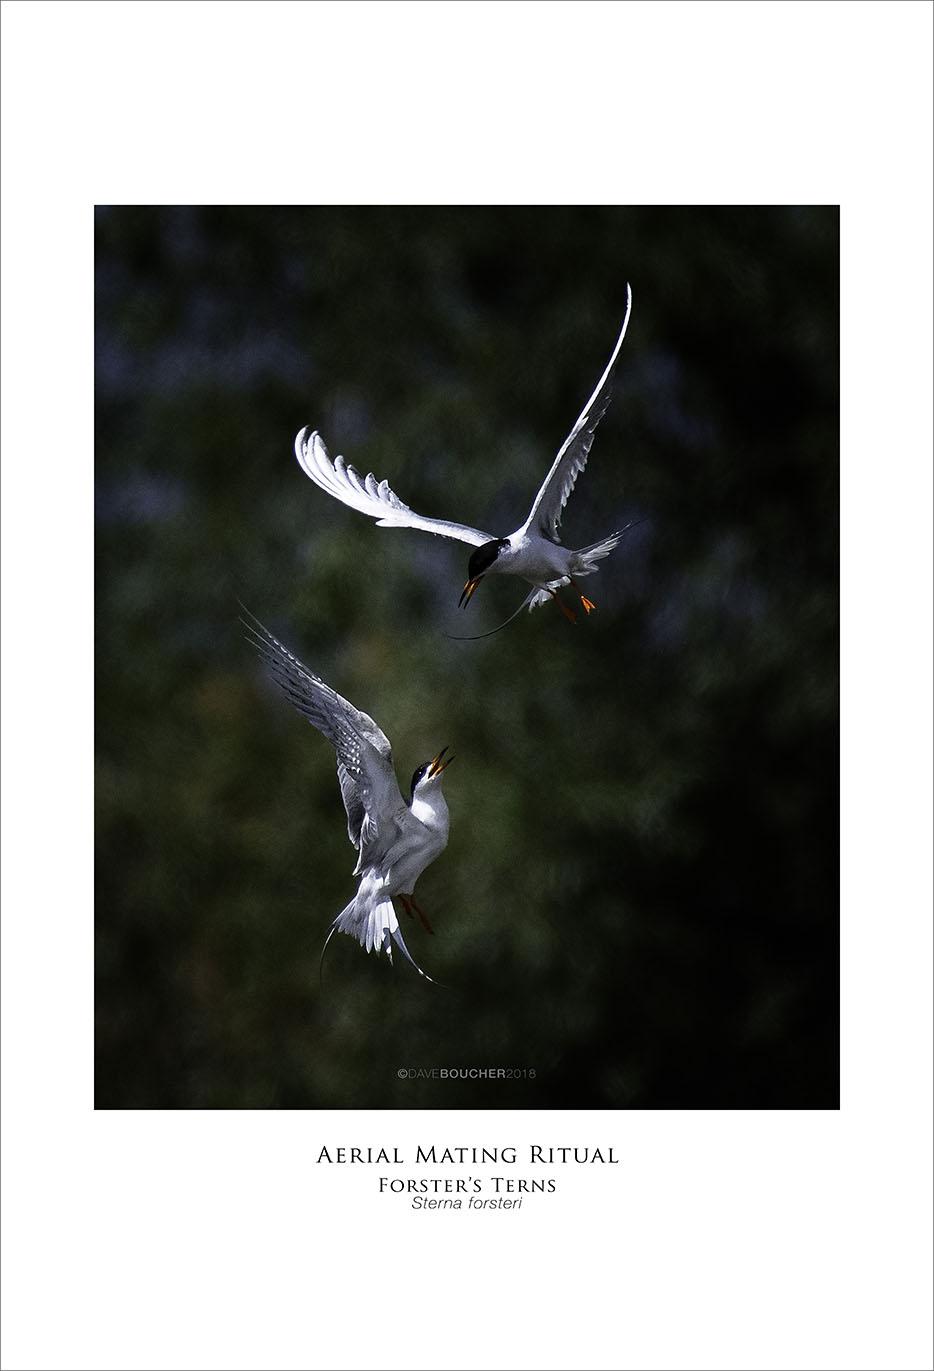 Aerial Mating Ritual